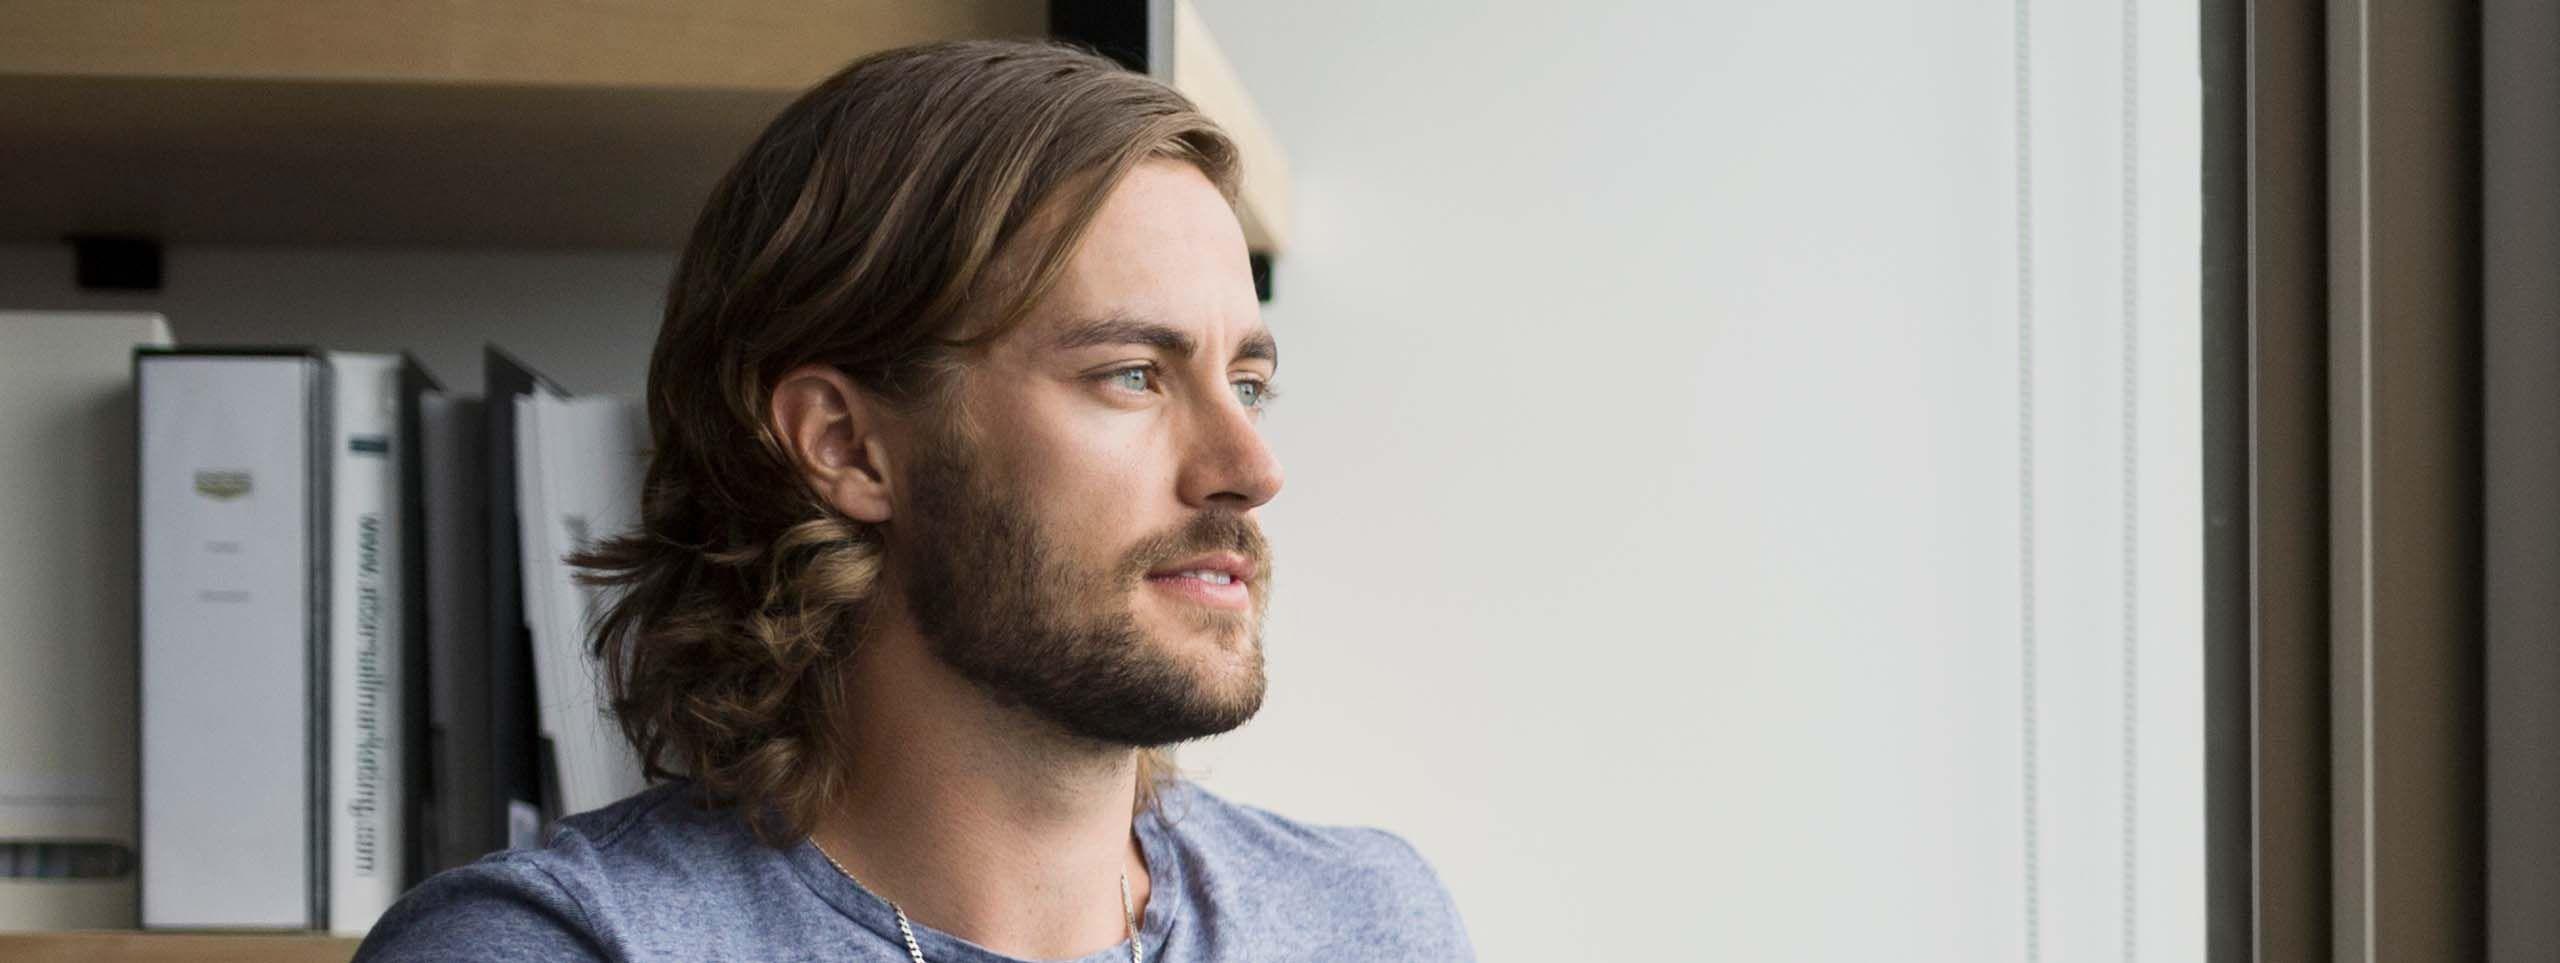 Moški z daljšimi lasmi in brado, ki v roki drži skodelico in gleda skozi okno